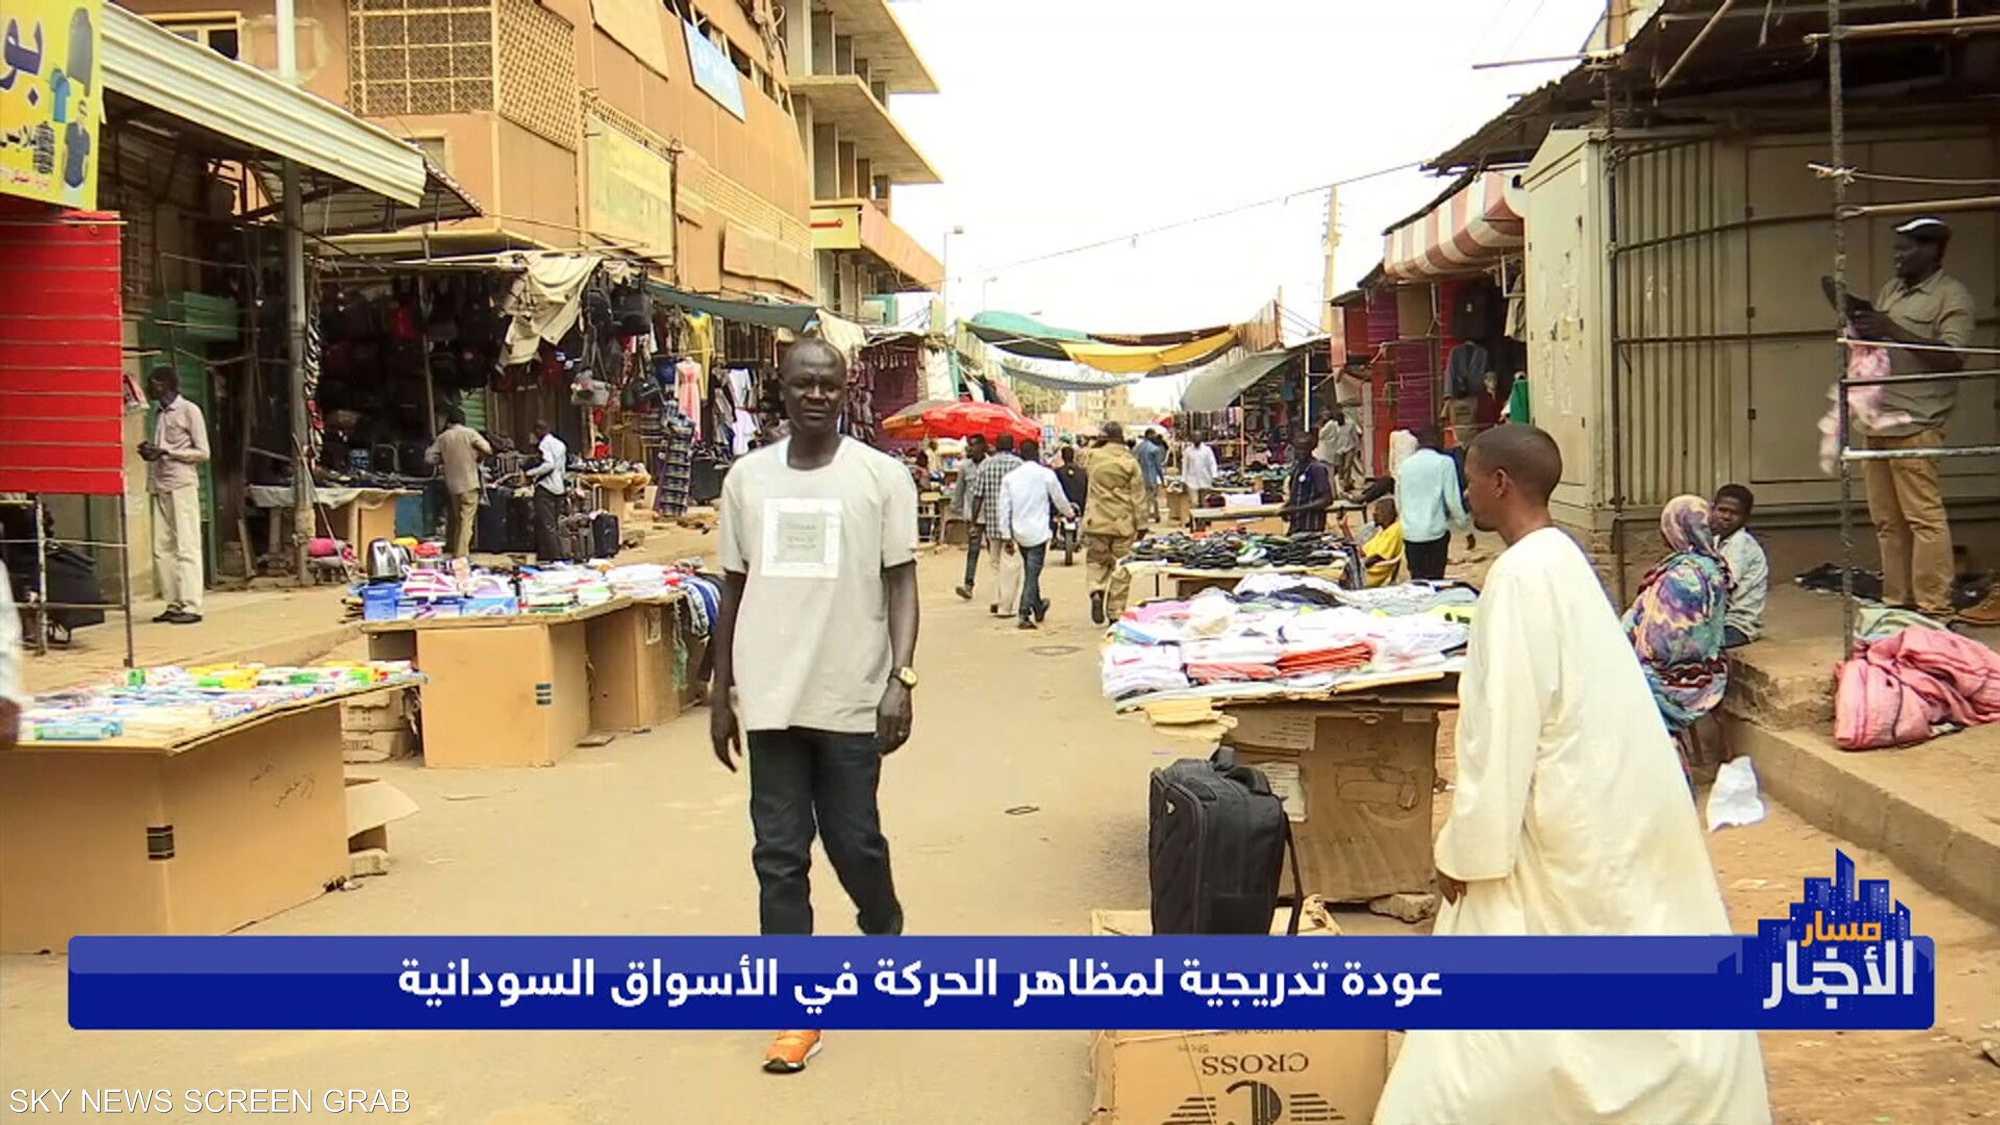 عودة تدريجية لمظاهر الحركة في الأسواق السودانية